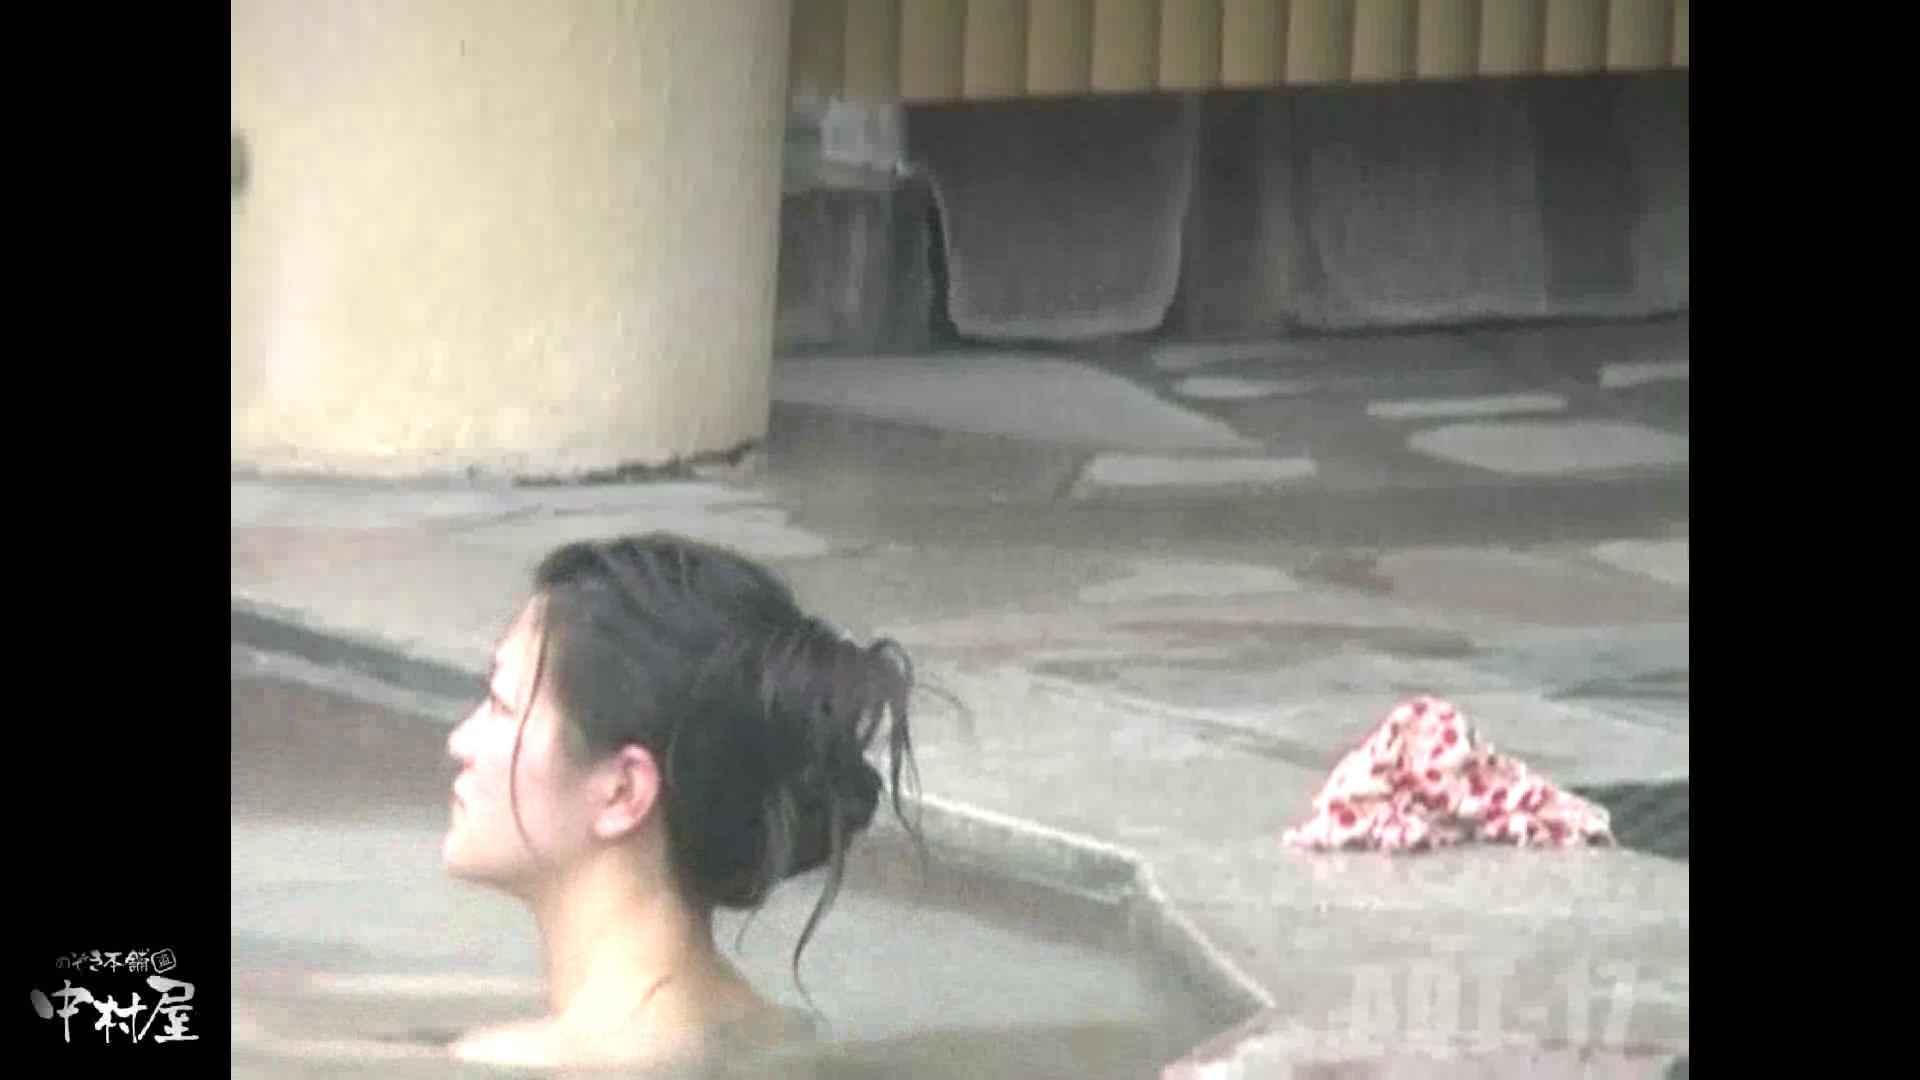 Aquaな露天風呂Vol.881潜入盗撮露天風呂十七判湯 其の二 露天風呂編 | 盗撮シリーズ  109PIX 28